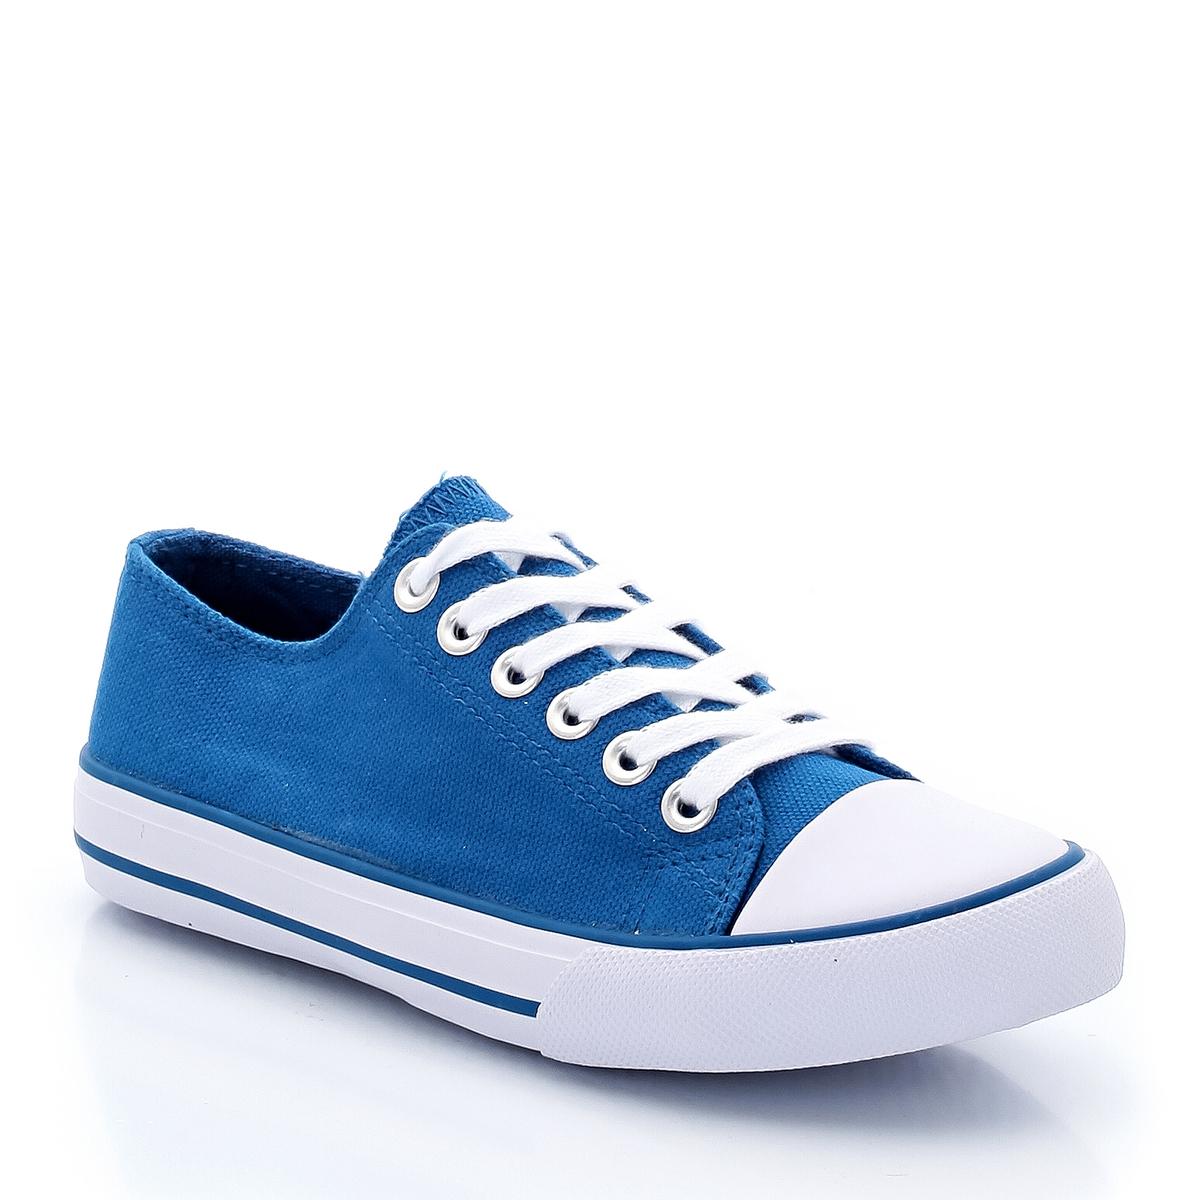 Кеды из тканиДетали   •  Спортивный стиль •  Плоский каблук •  Застежка : шнуровка •  Гладкая отделкаСостав и уход   • Верх 100% хлопок  •  Подкладка 100% хлопок •  Стелька 100% хлопок   •  Подошва 100% каучук<br><br>Цвет: синий,темно-синий<br>Размер: 26.28.30.34.27.32.27.35.30.37.34.36.29.39.31.36